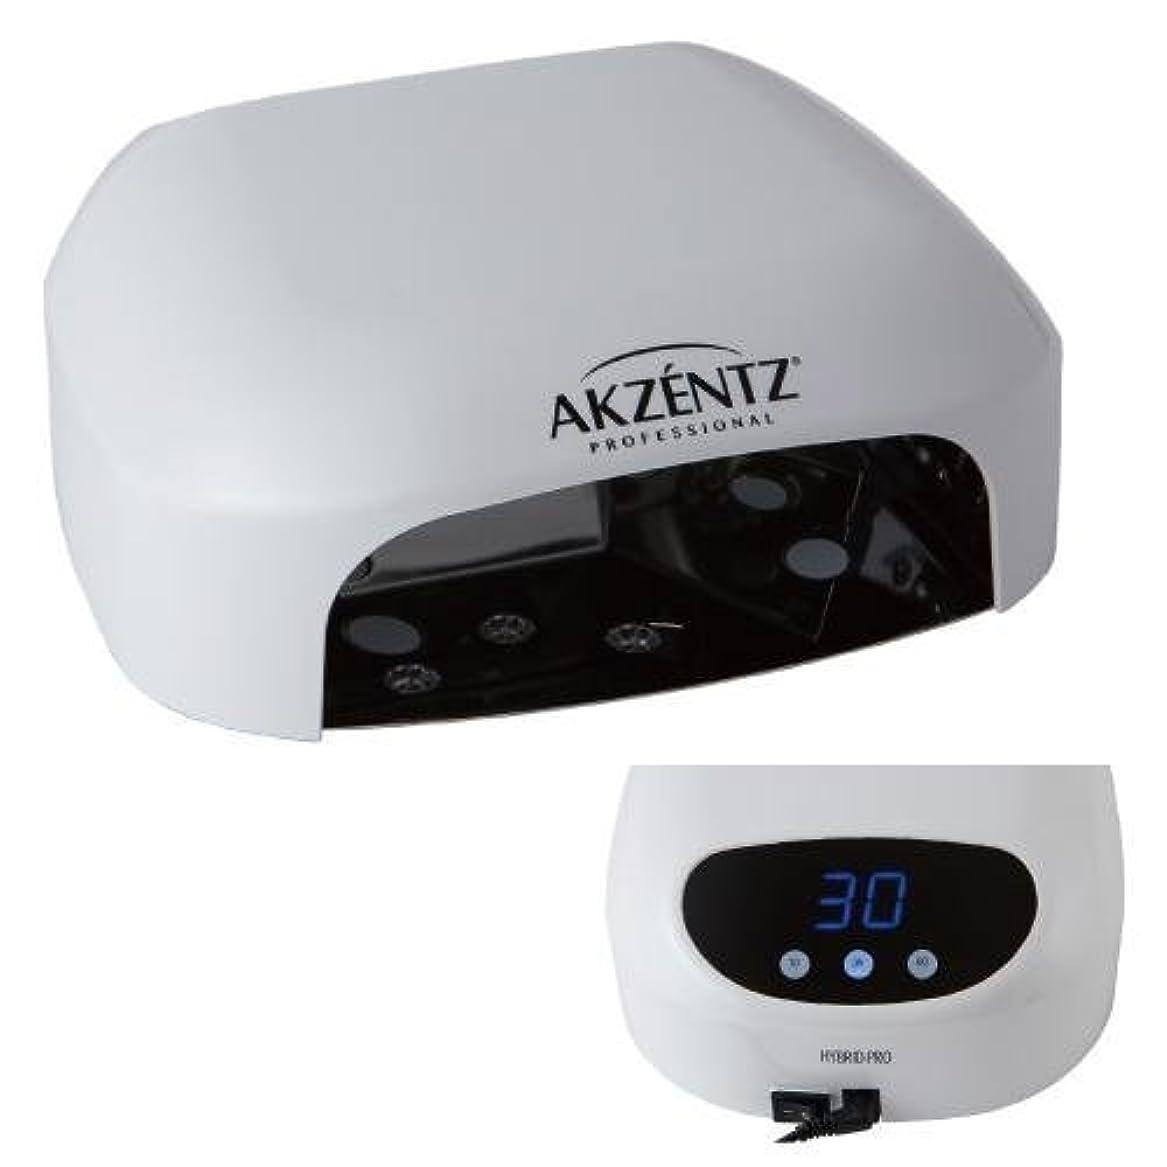 ルーチン終わらせる要旨AKZENTZ(アクセンツ) ハイブリットプロLEDランプ 36W/タイマー付き